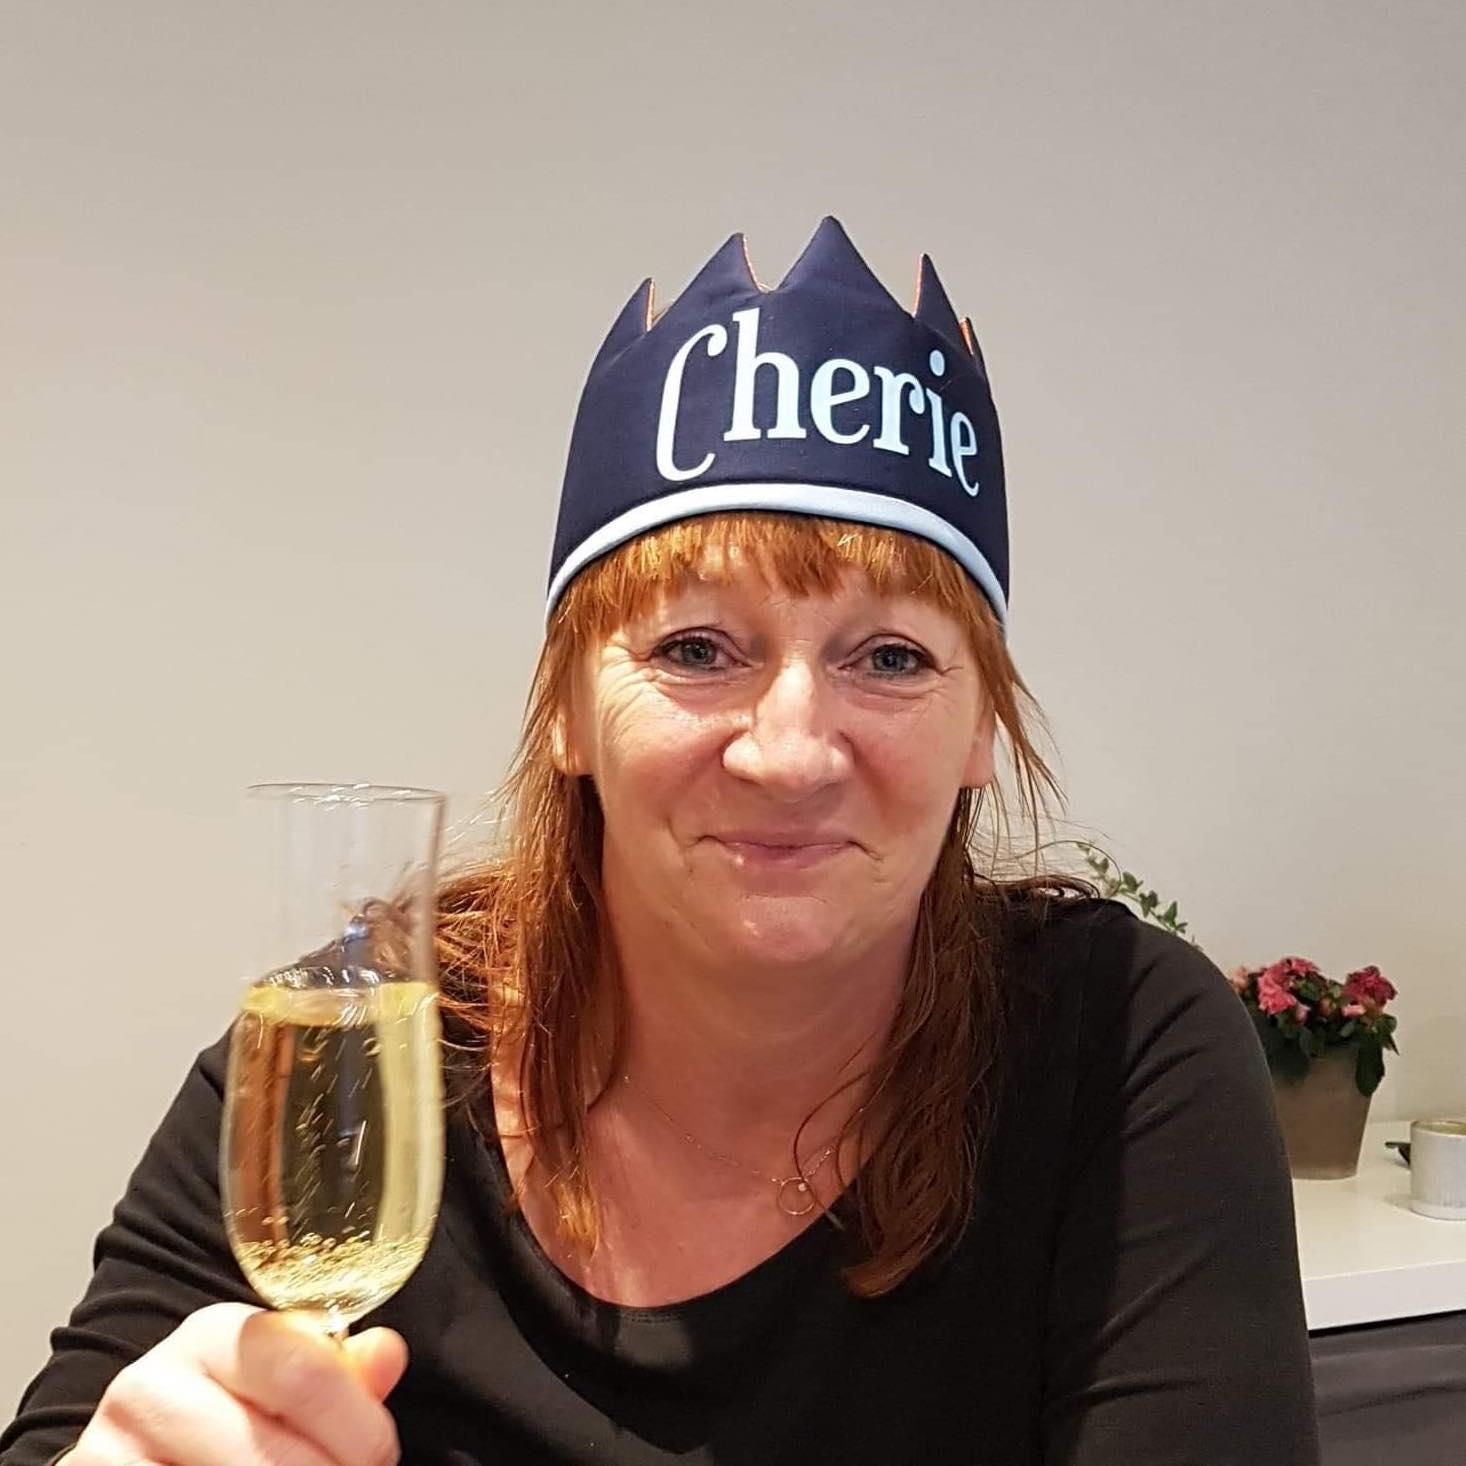 Cherie 2